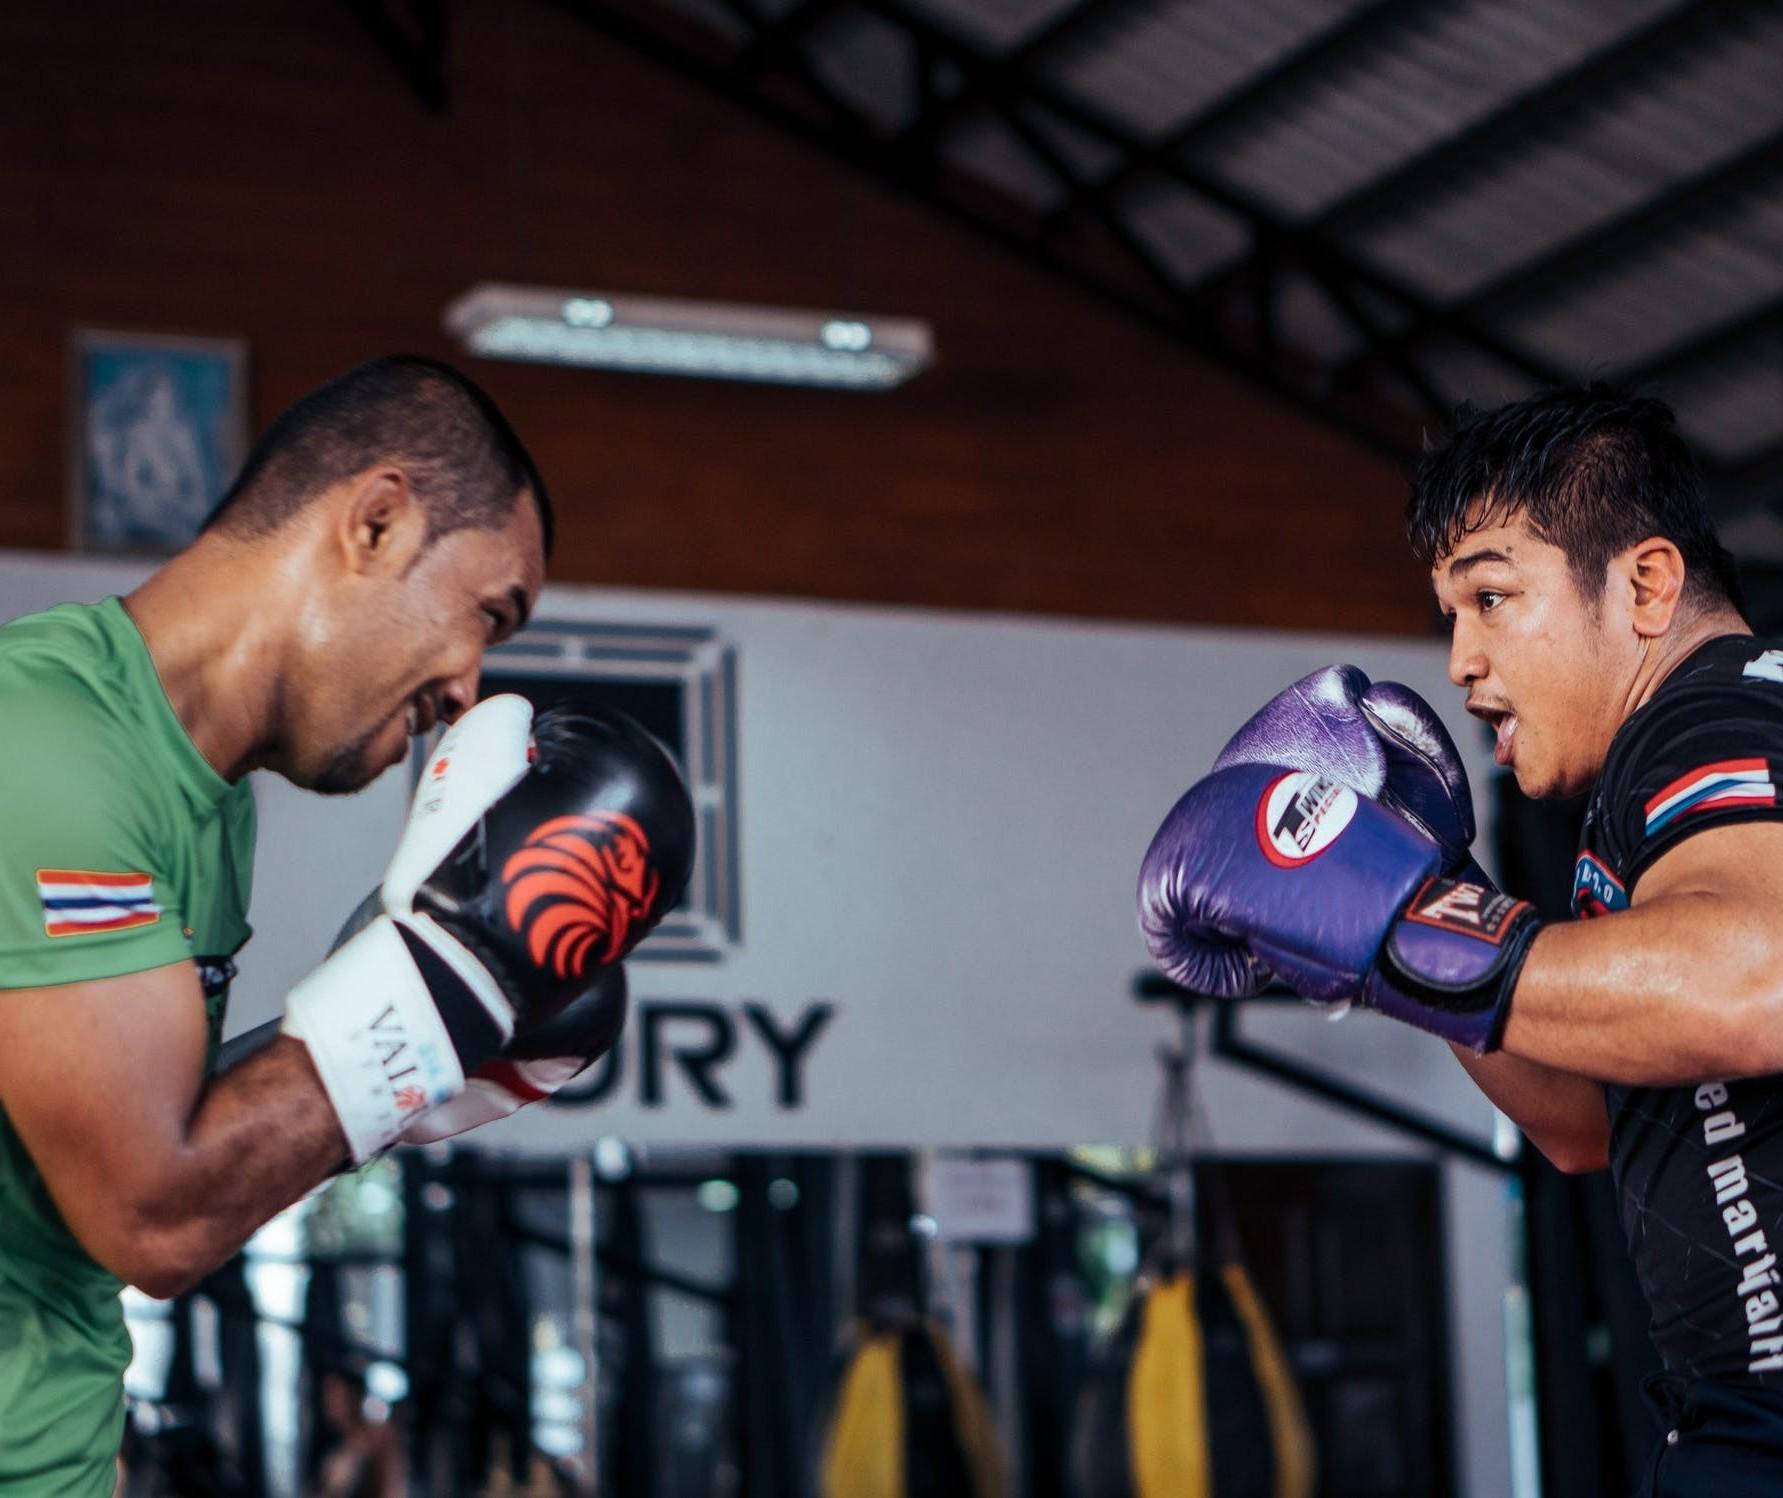 Apesar do pedido, academias de artes marciais não reabrem em Maringá